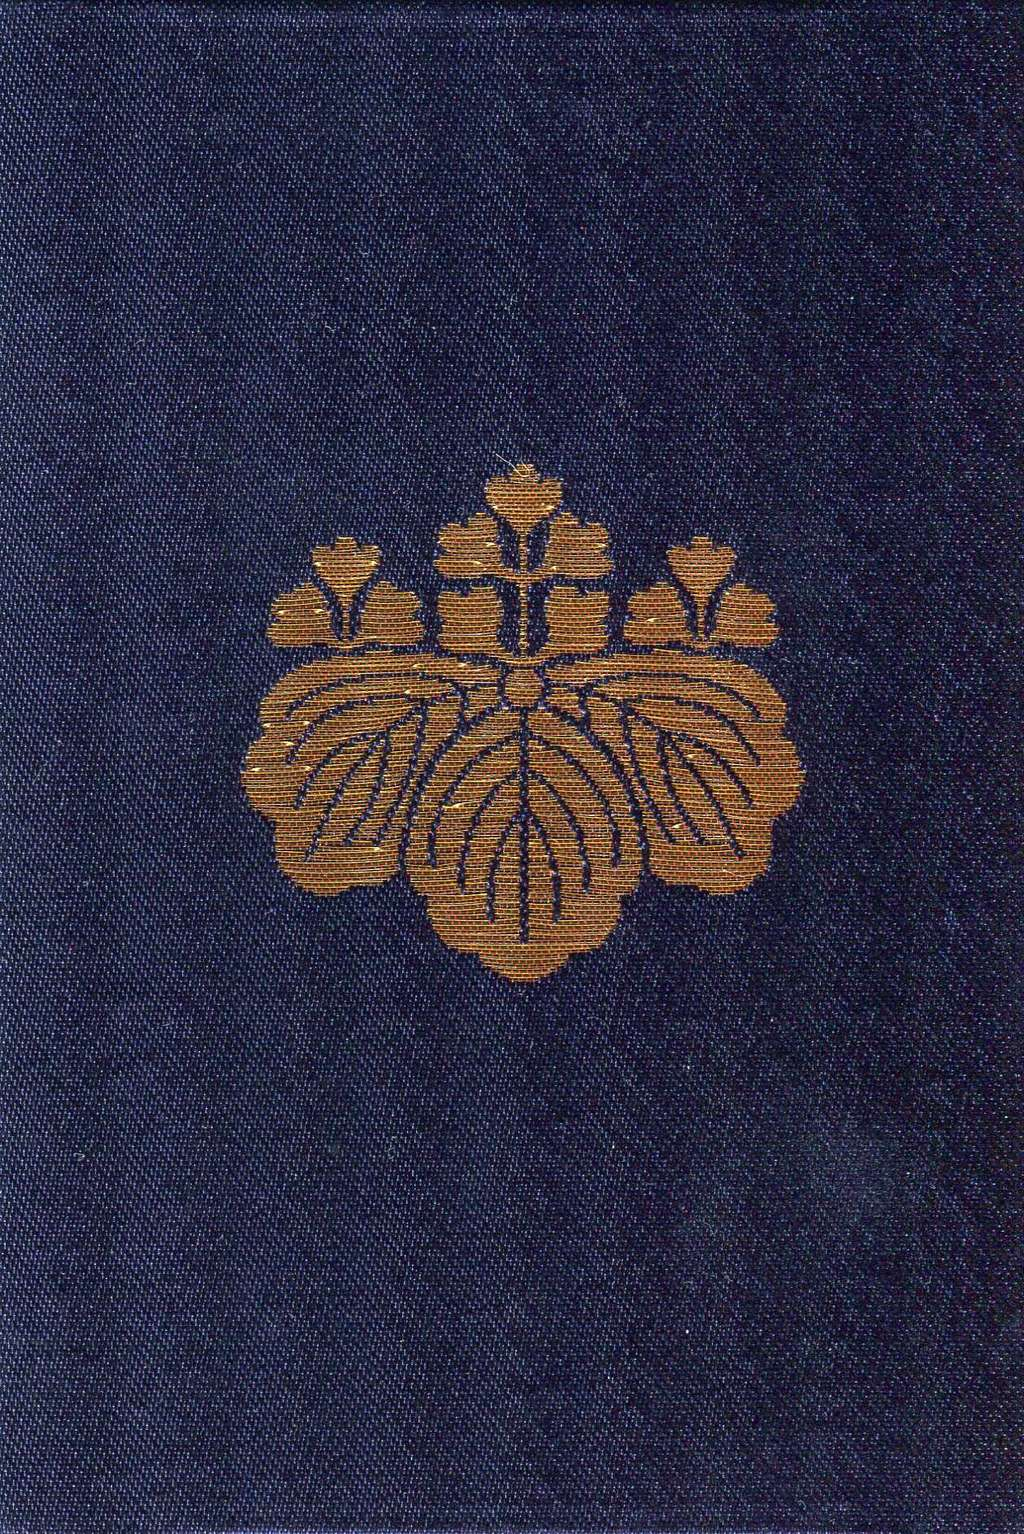 神明神社の御朱印帳